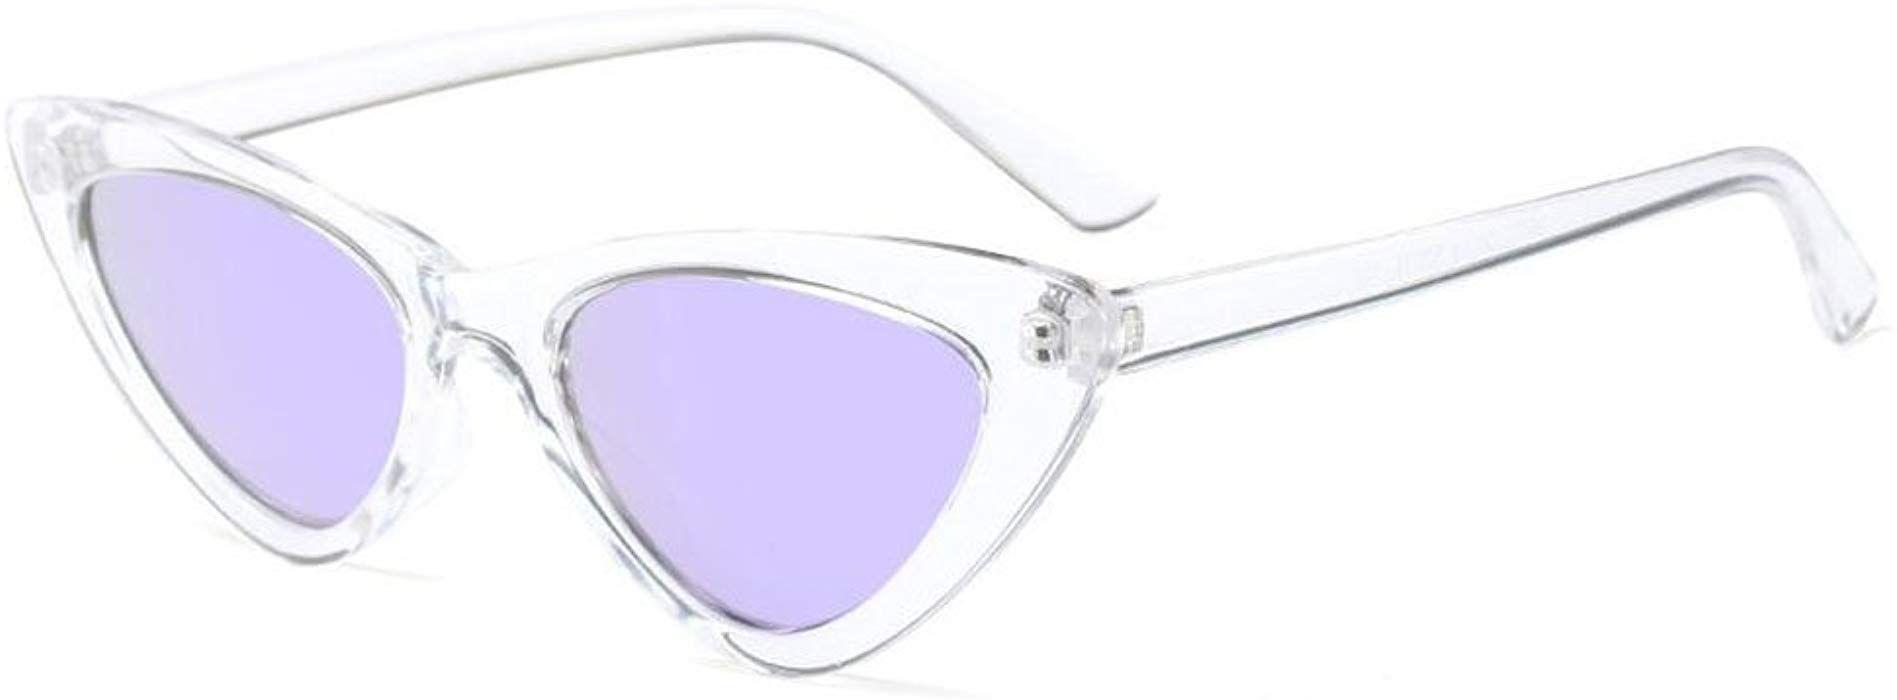 Hzjundasi Fashion Mod Chic Super Cat Eye Triangle Occhiali da sole Donna Vintage Retro Eyewear